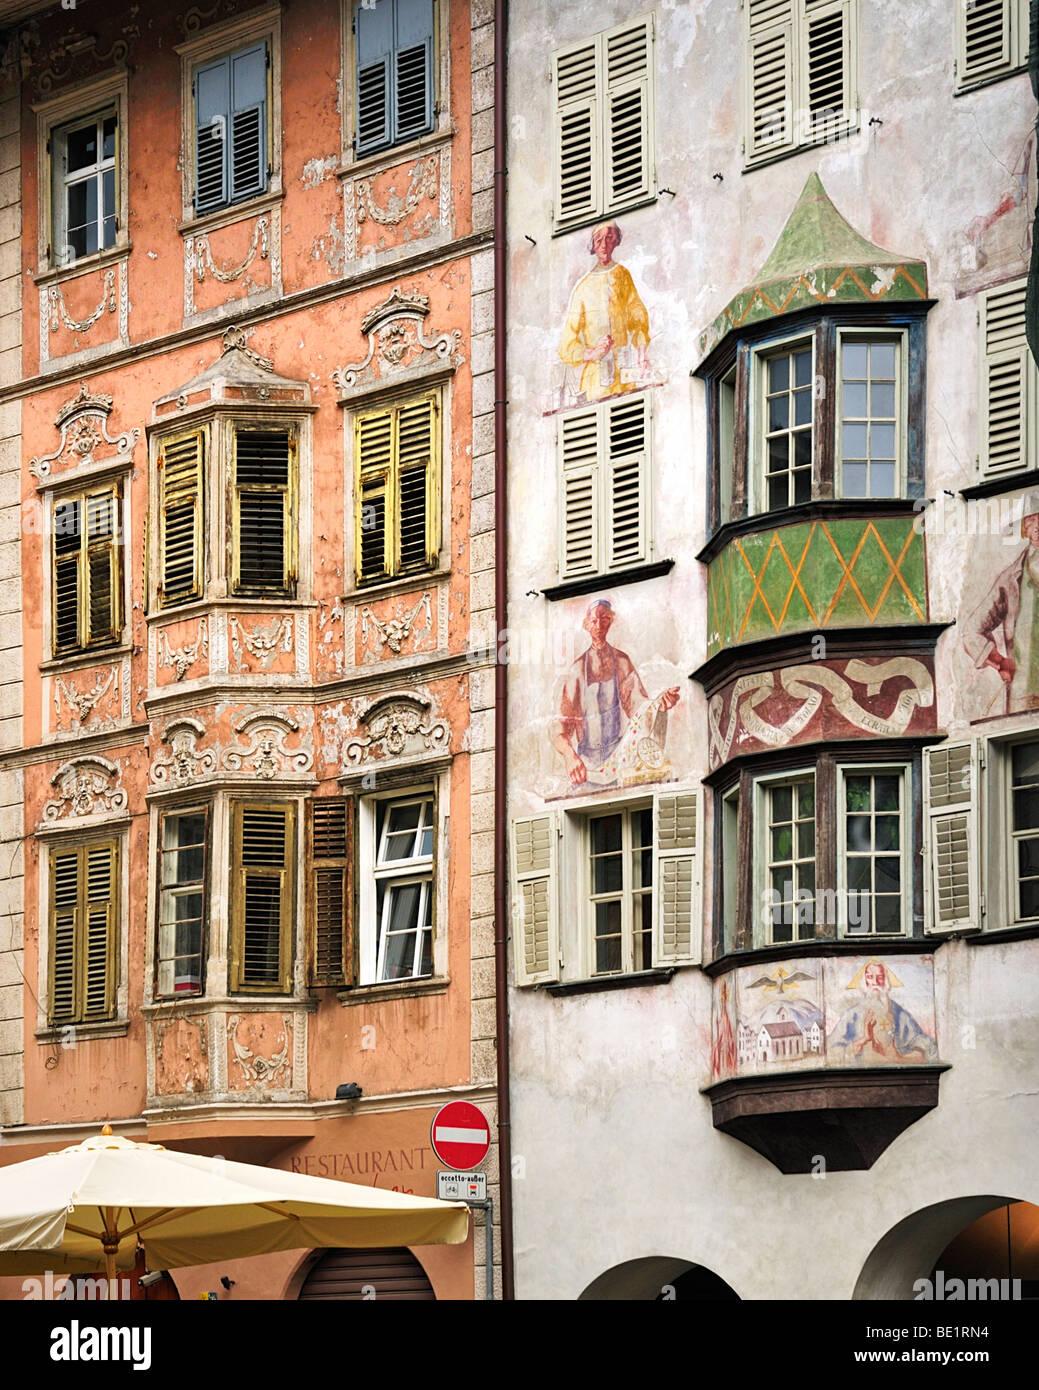 Painted facades, Bolzano Bozen - Stock Image